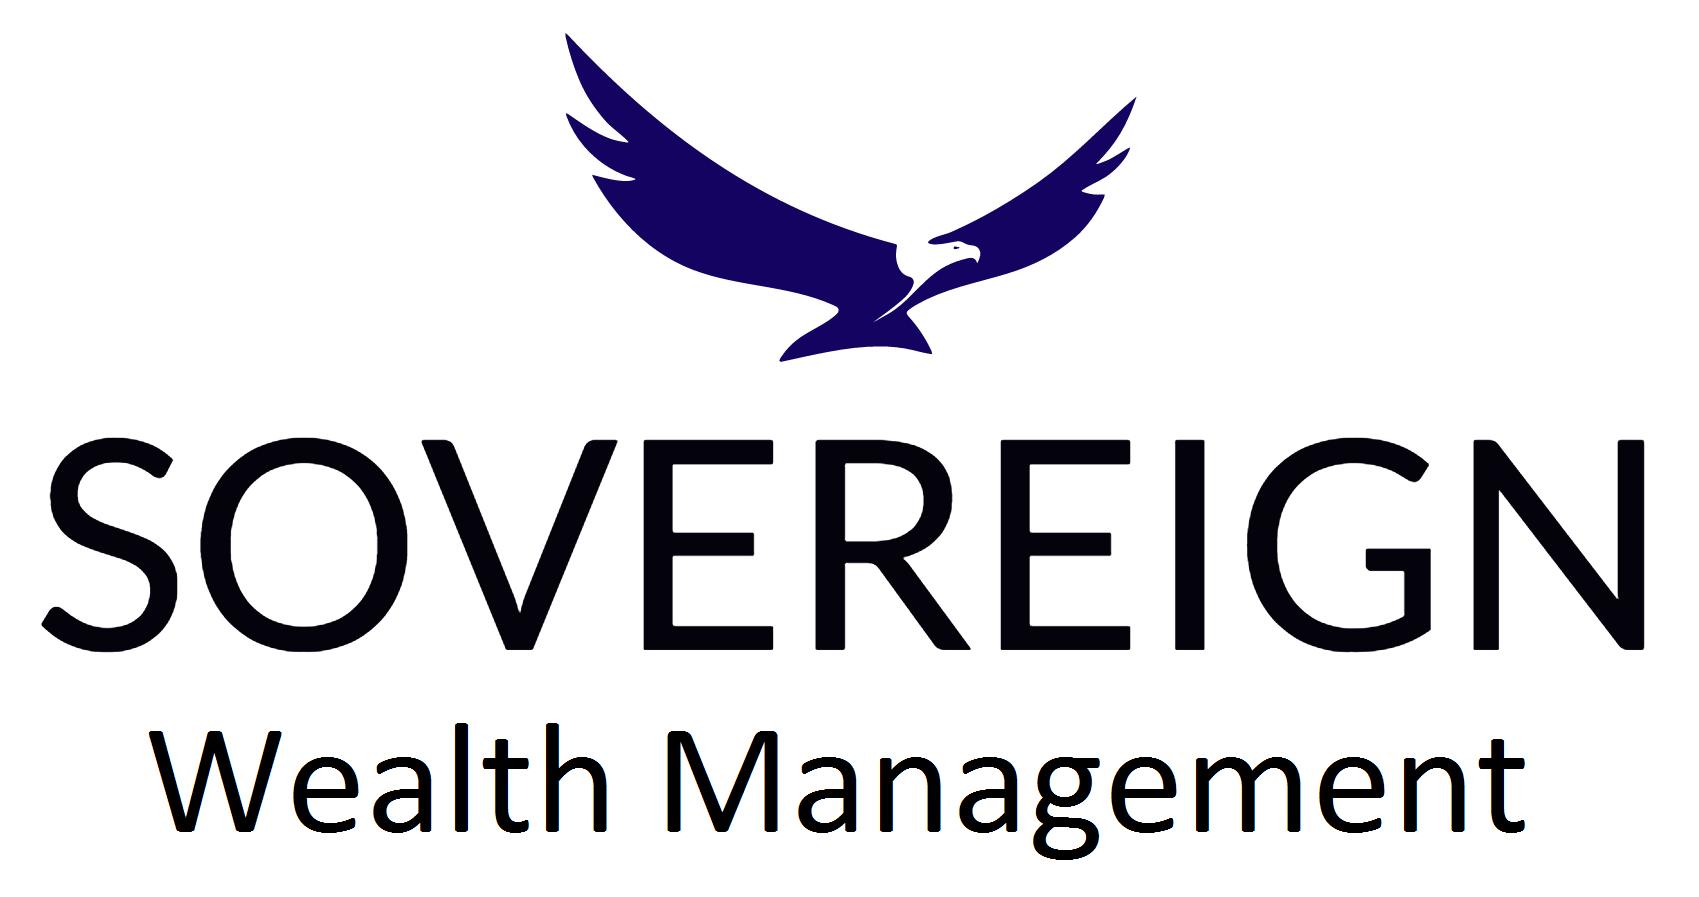 Sovereign Retirement & Wealth Management of Vienna Virginia